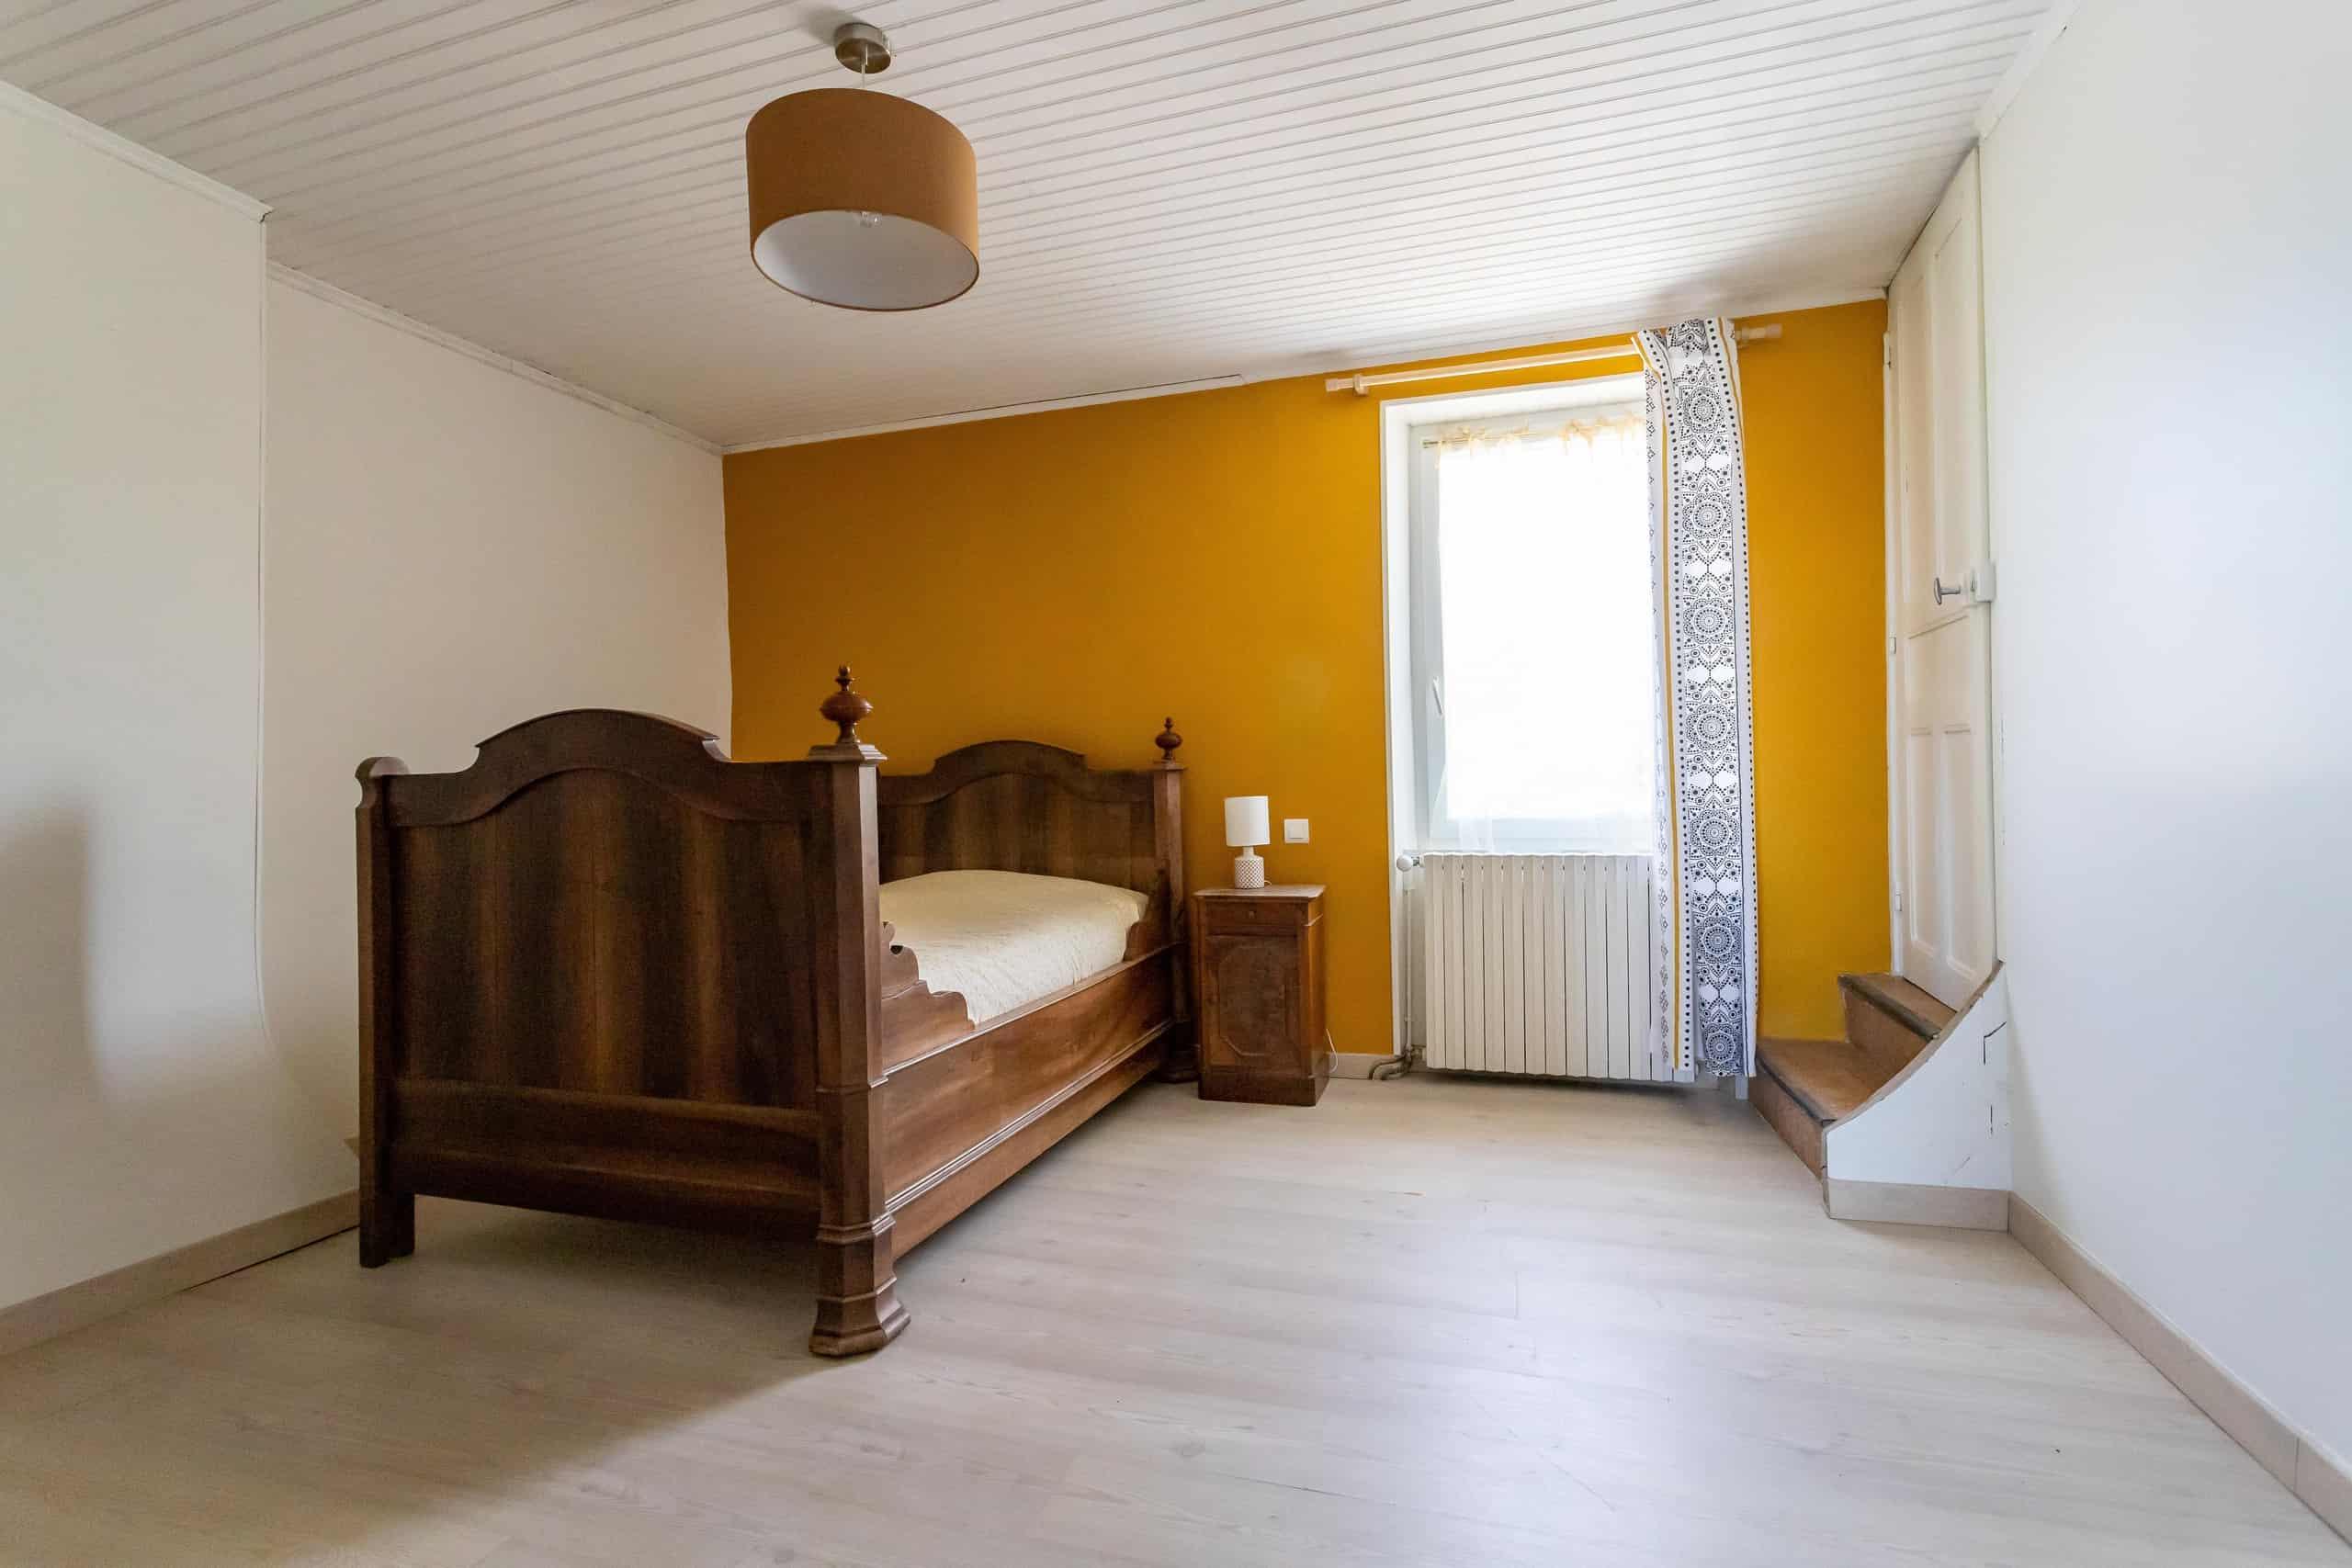 Bedroom-4-WMC102